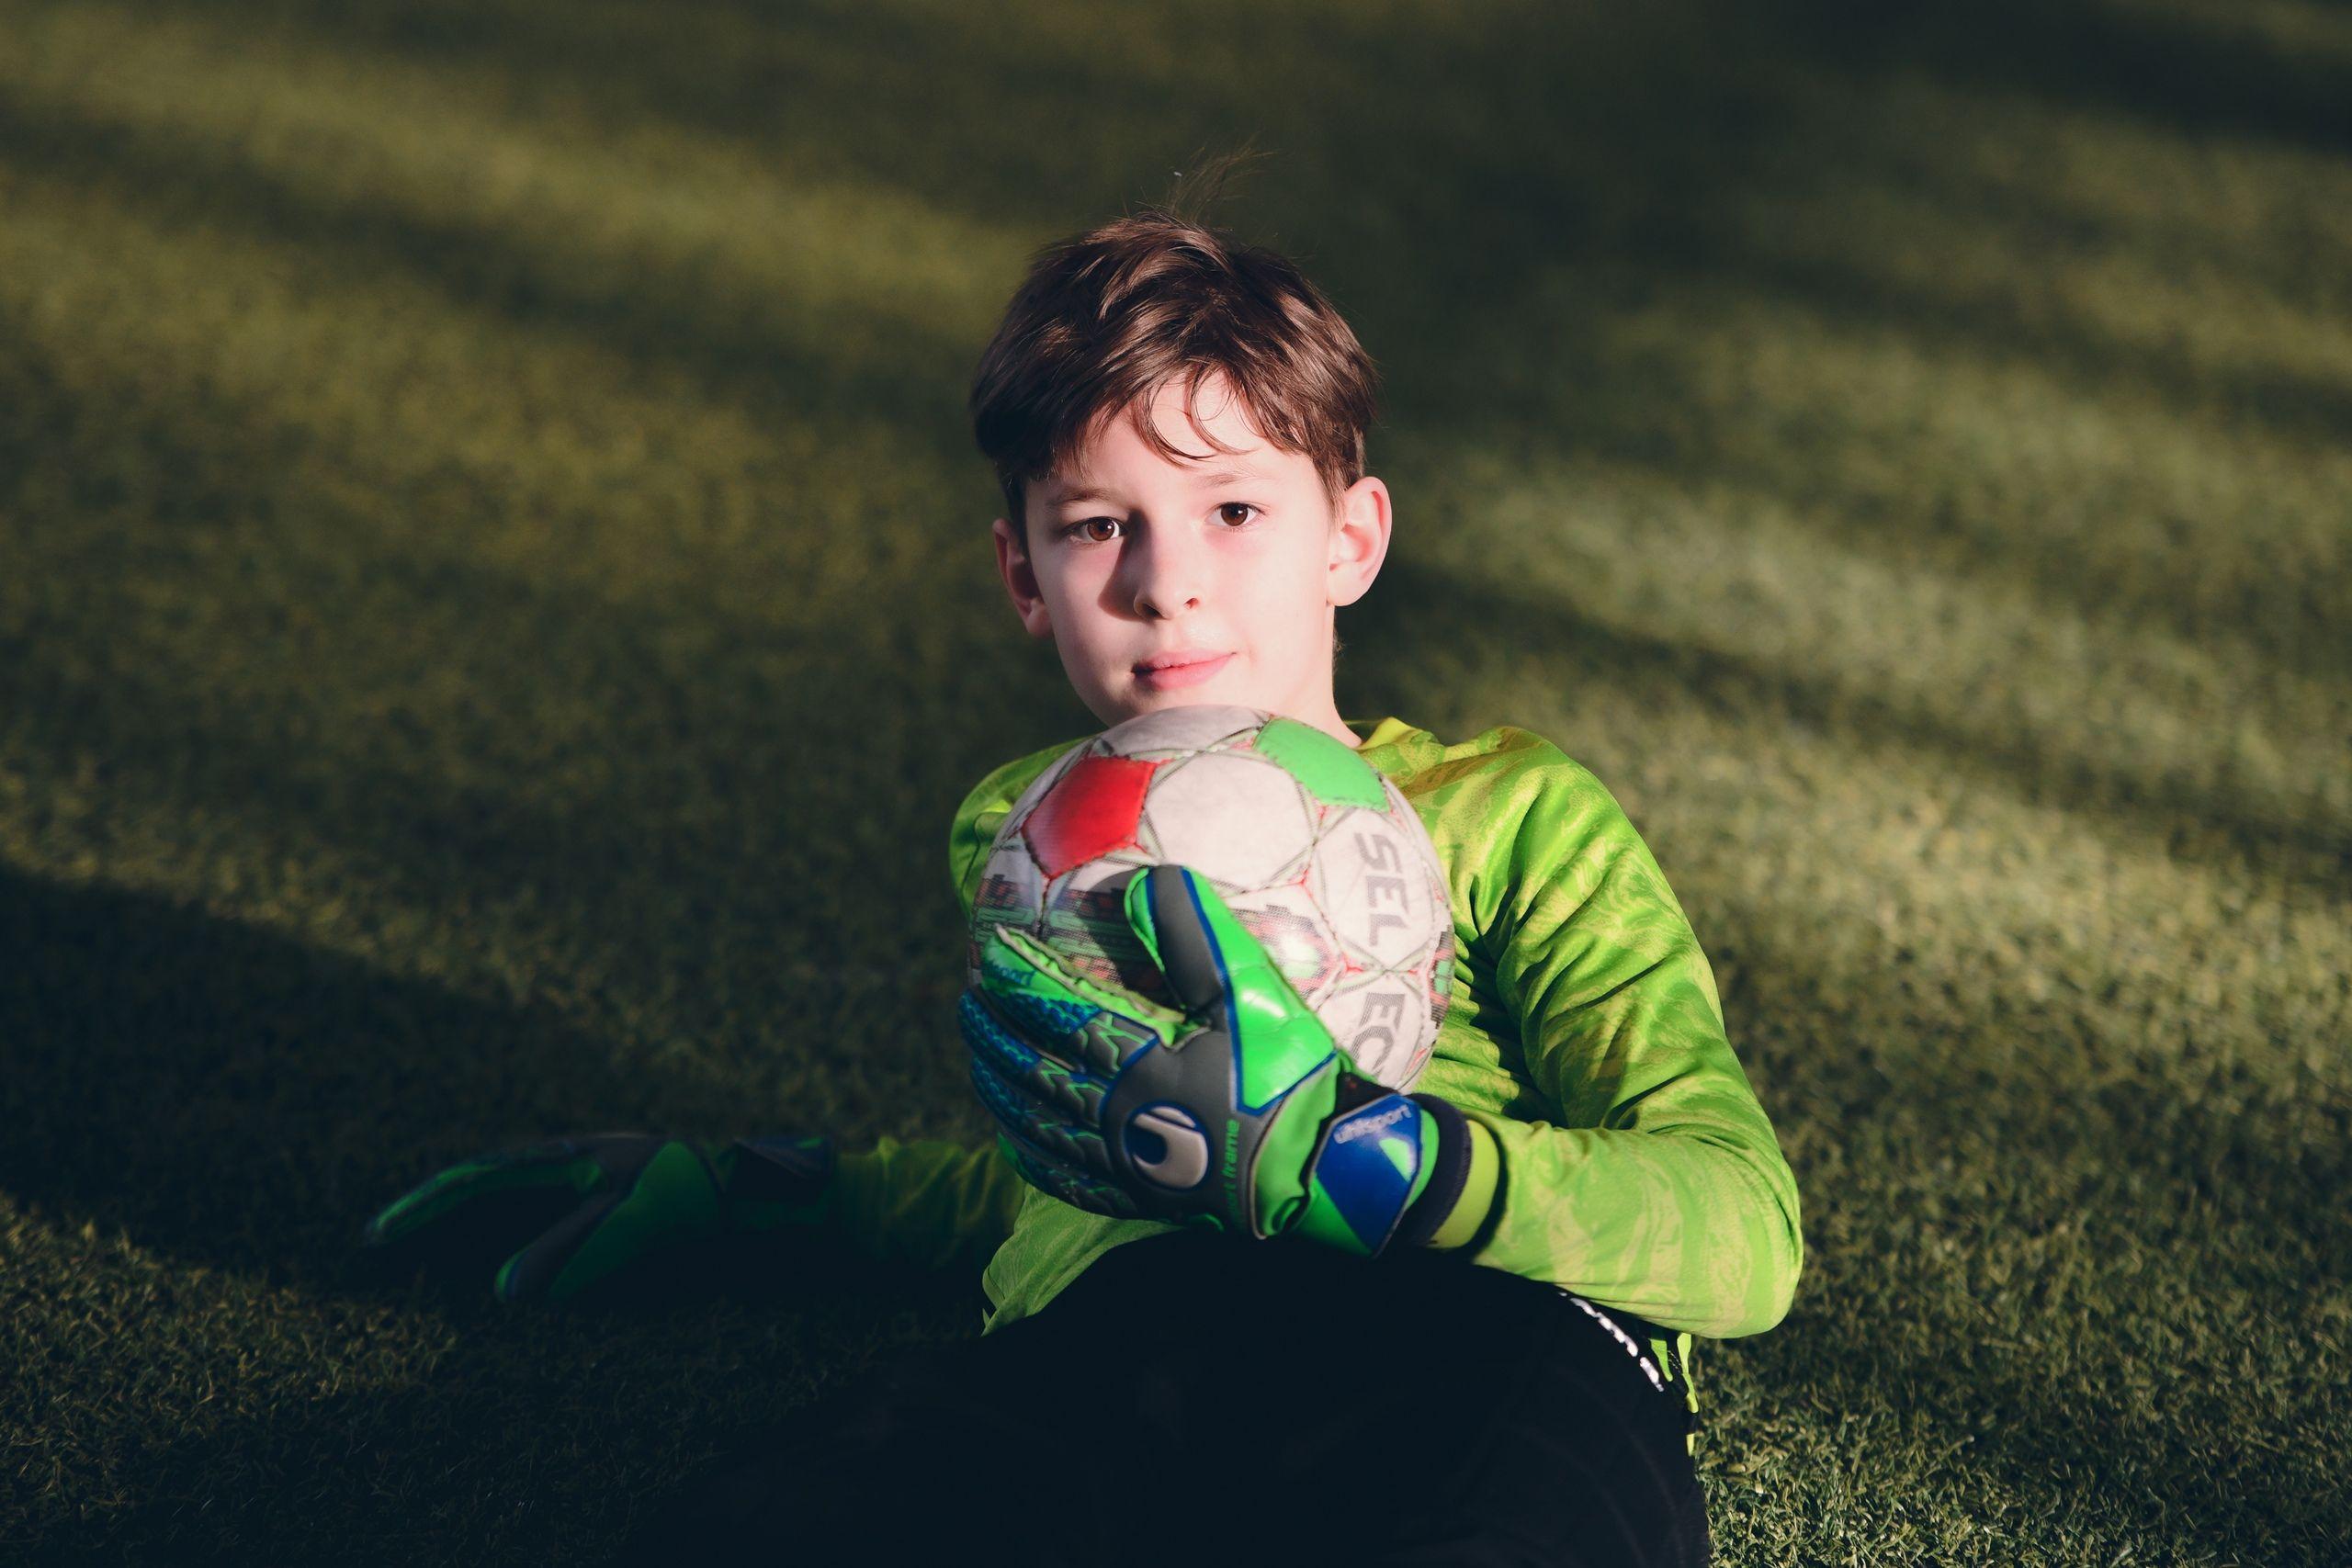 Пока все дома: конкурс для юных футболистов запустили в «Чертанове»